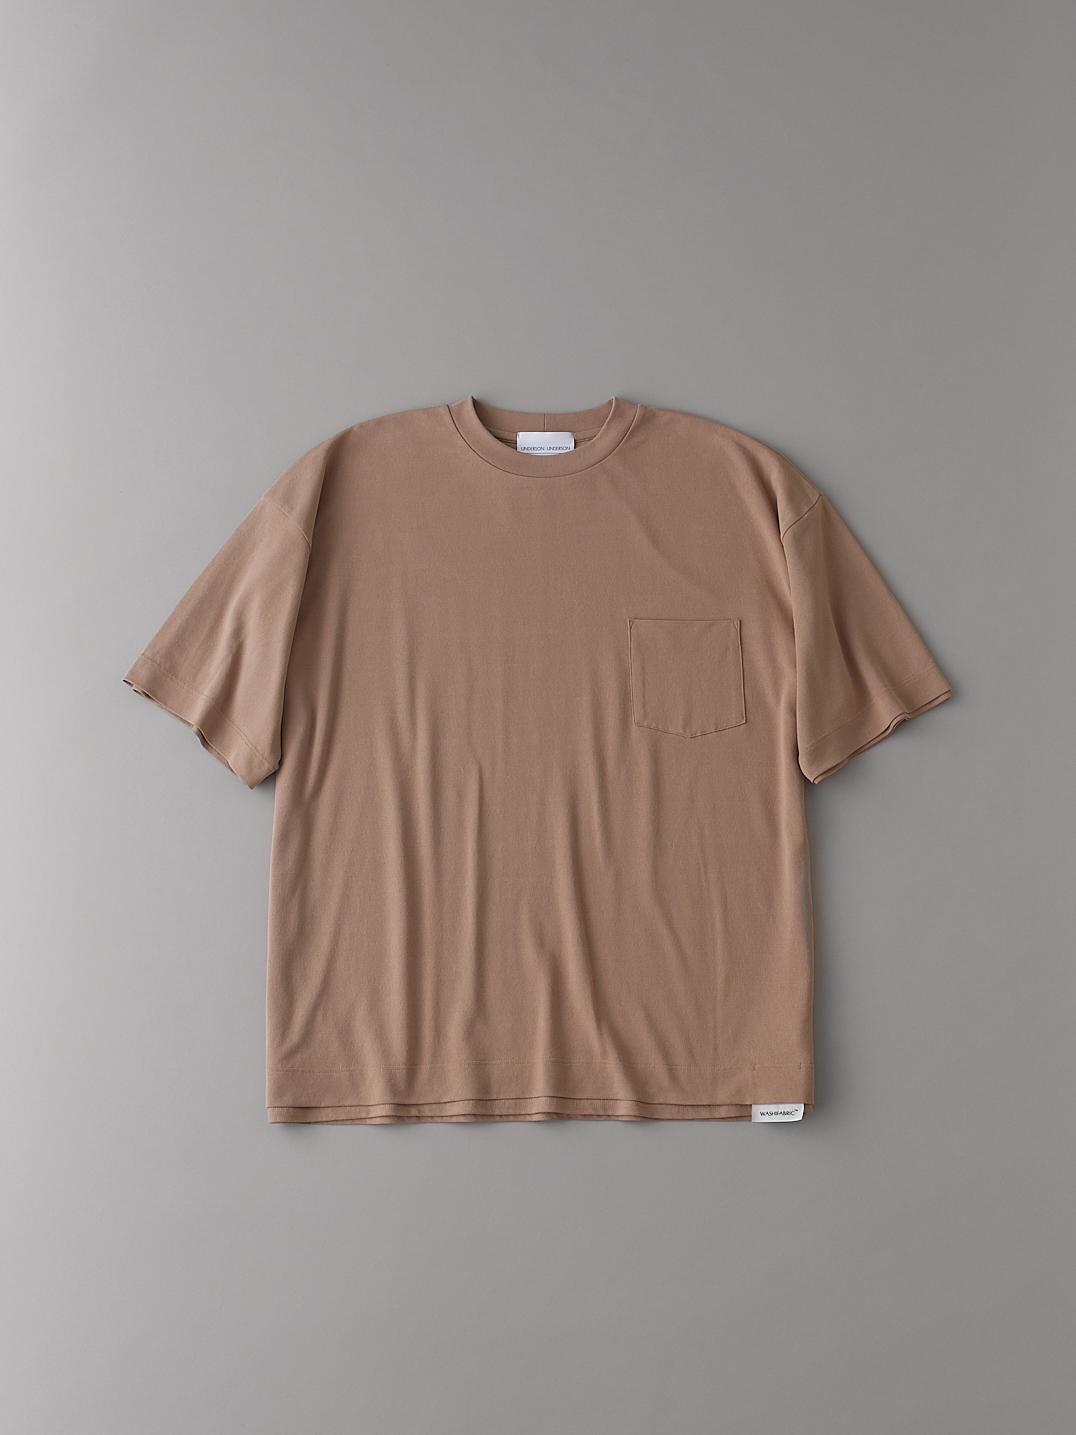 オールダブルTシャツ【メンズ】(PBEG-1)